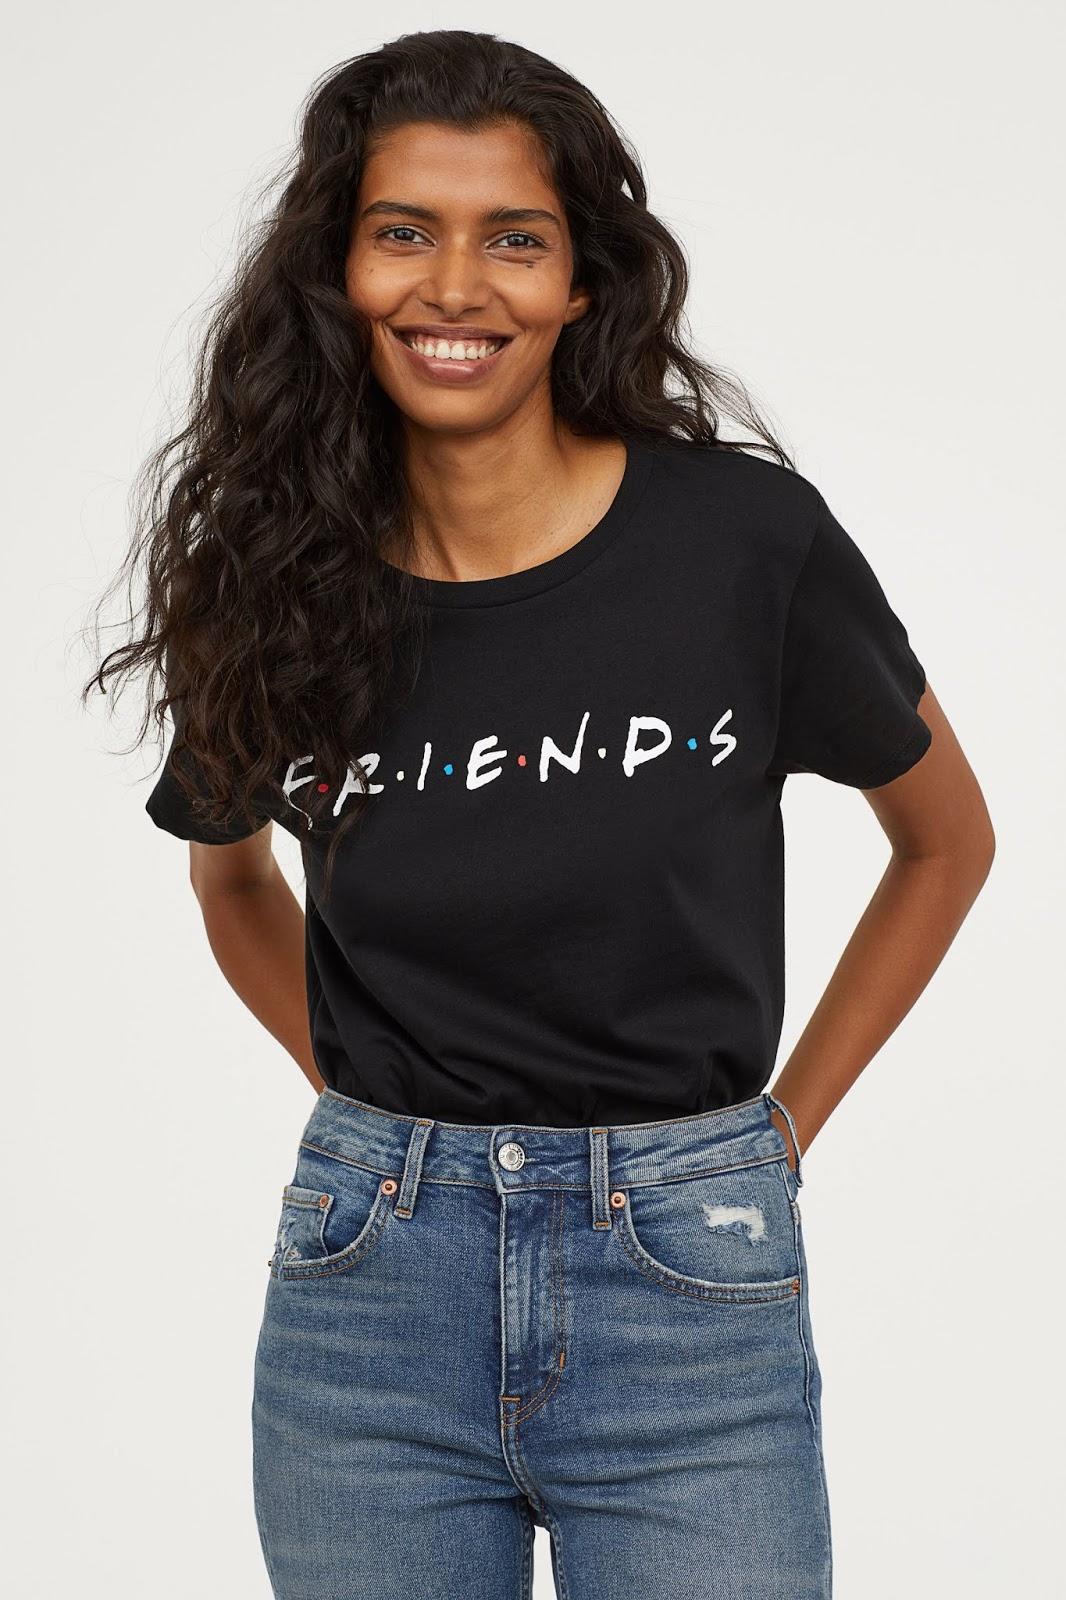 Női és férfi póló divat  Jóbarátok pólók - Minden rajongónak kell egy! a997387059